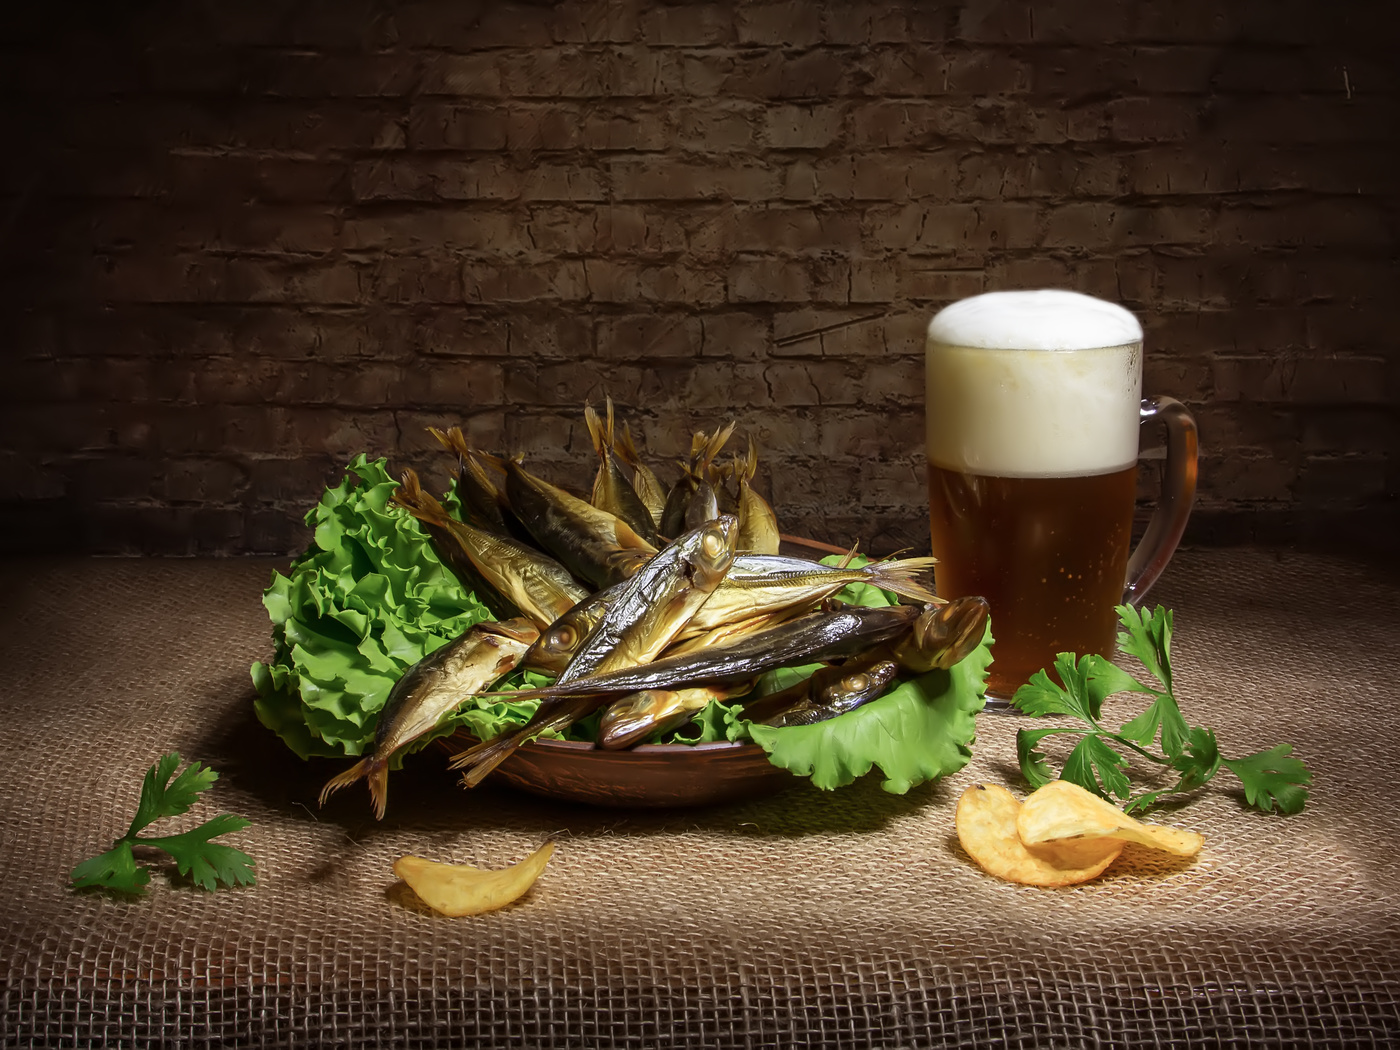 красивые картинки с пивом и рыбой уже формировали команды